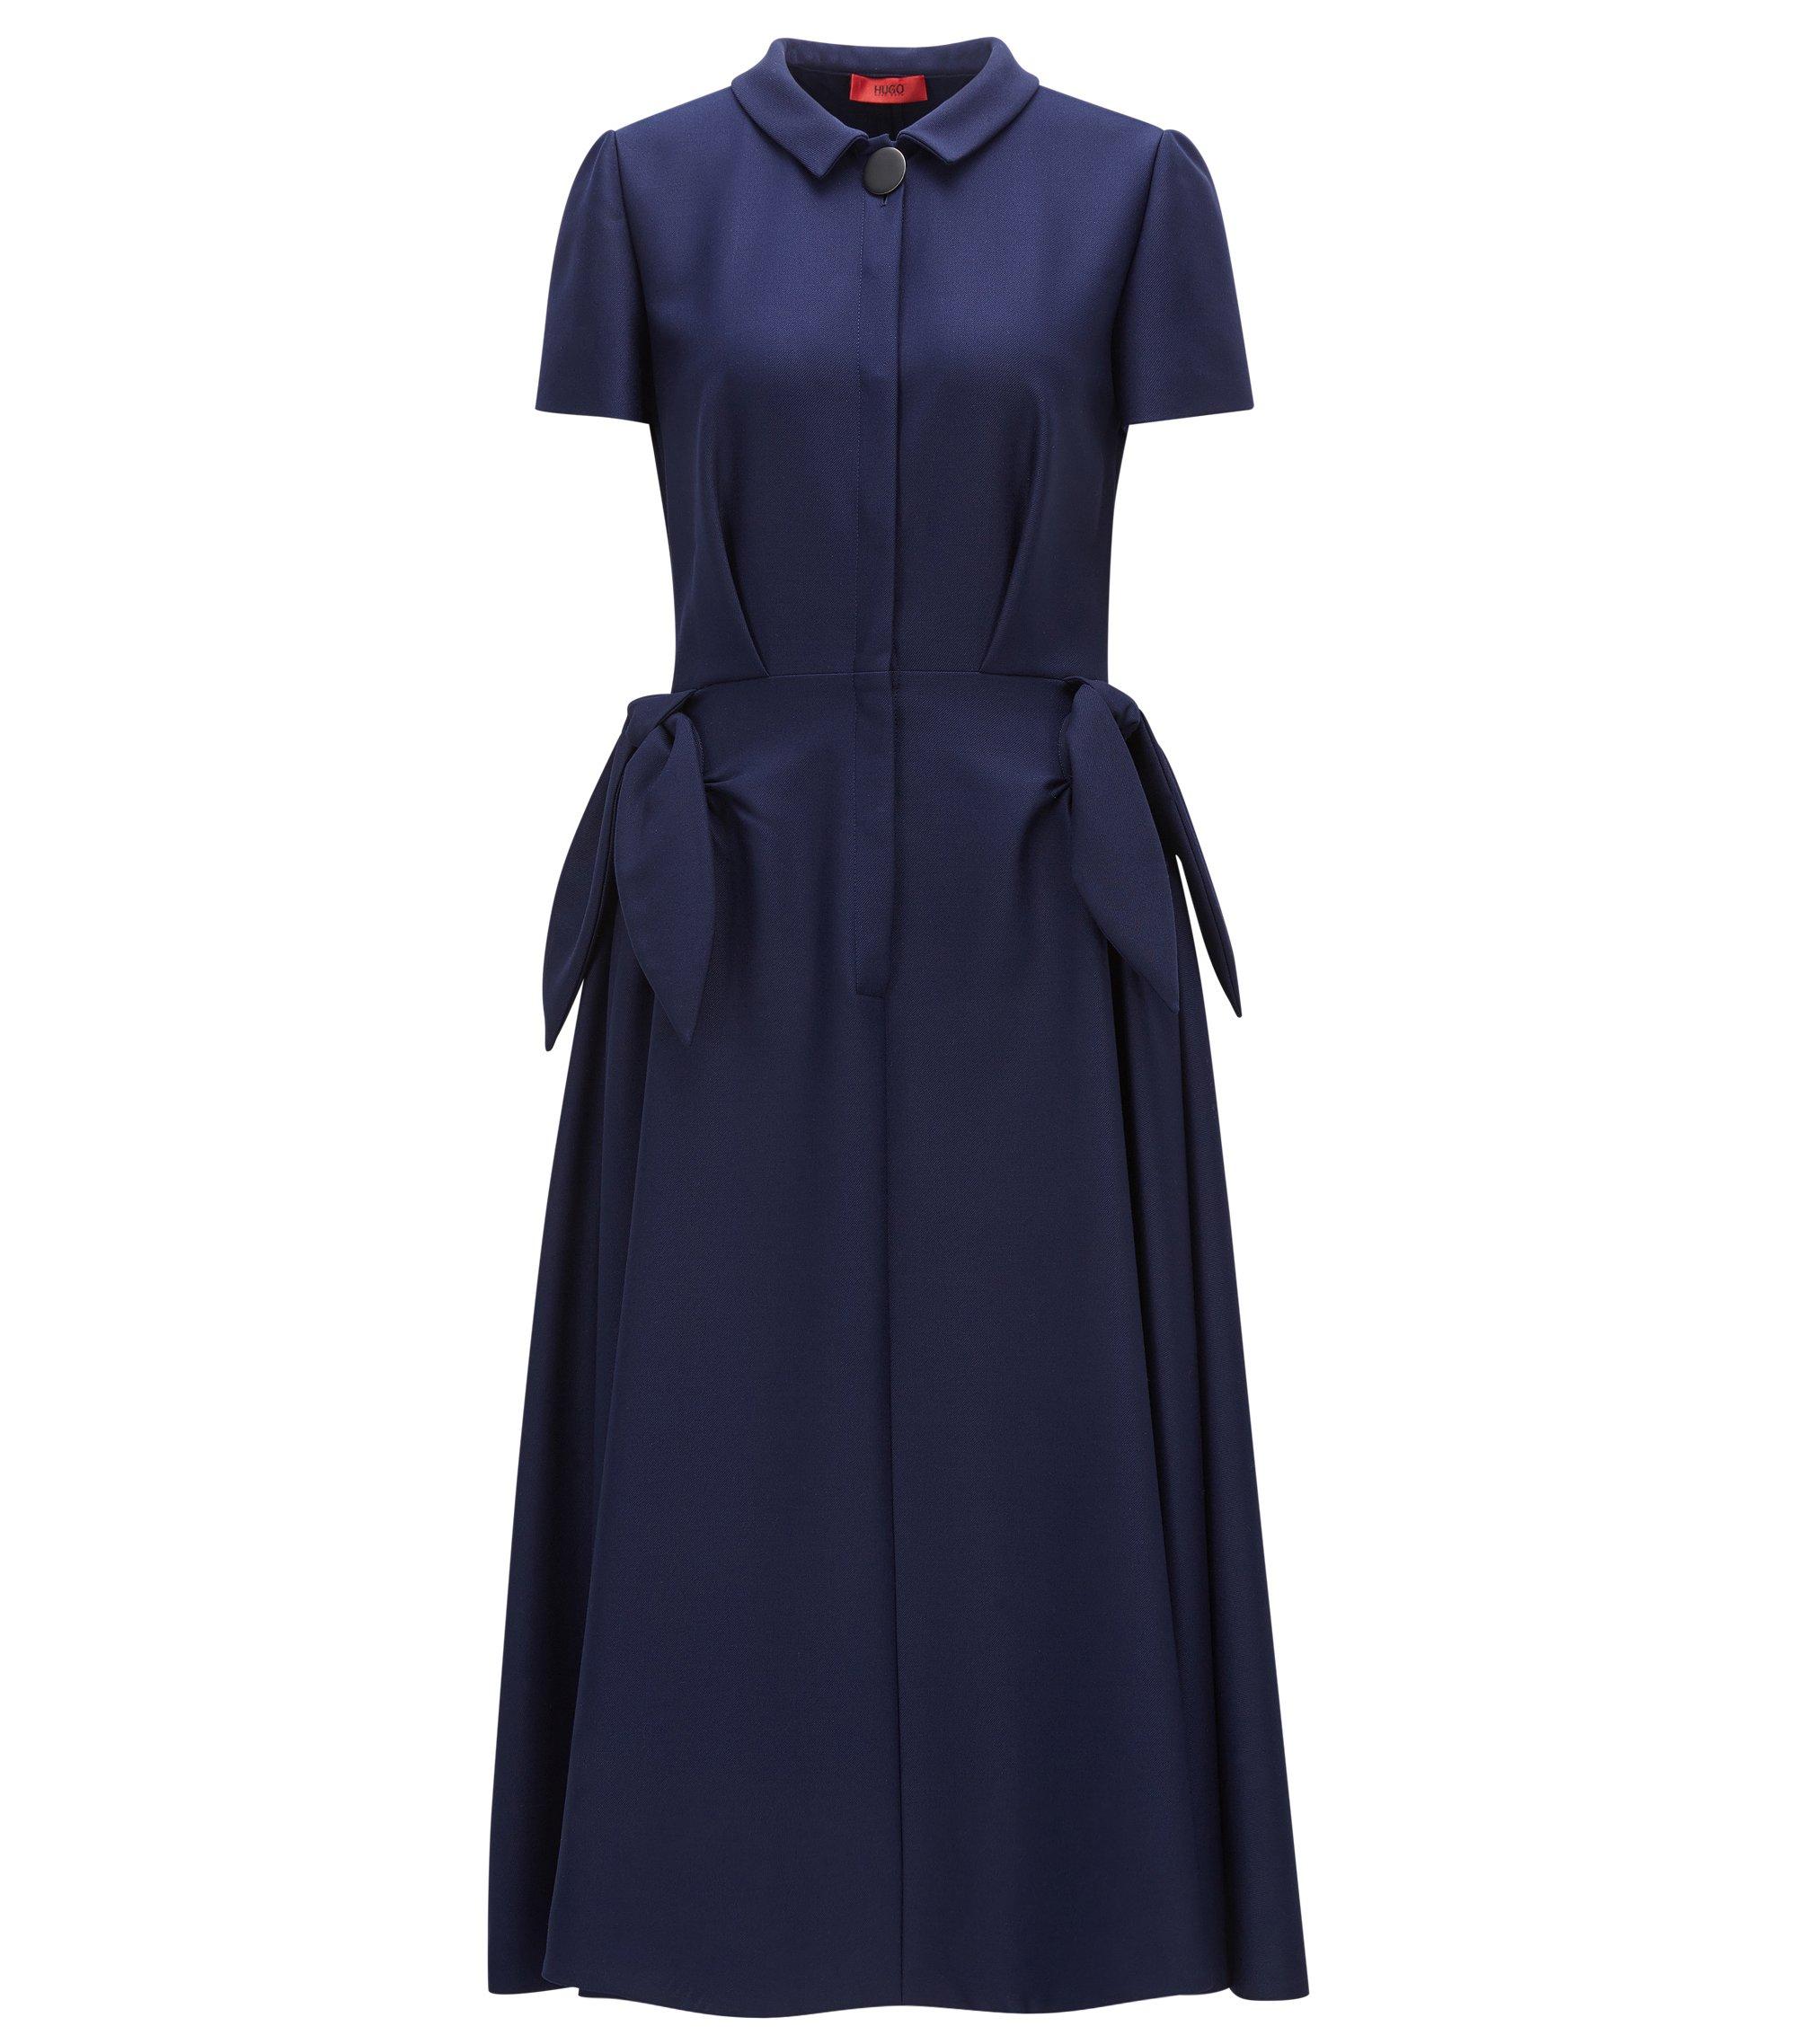 Robe-chemise en tissu stretch, Bleu foncé